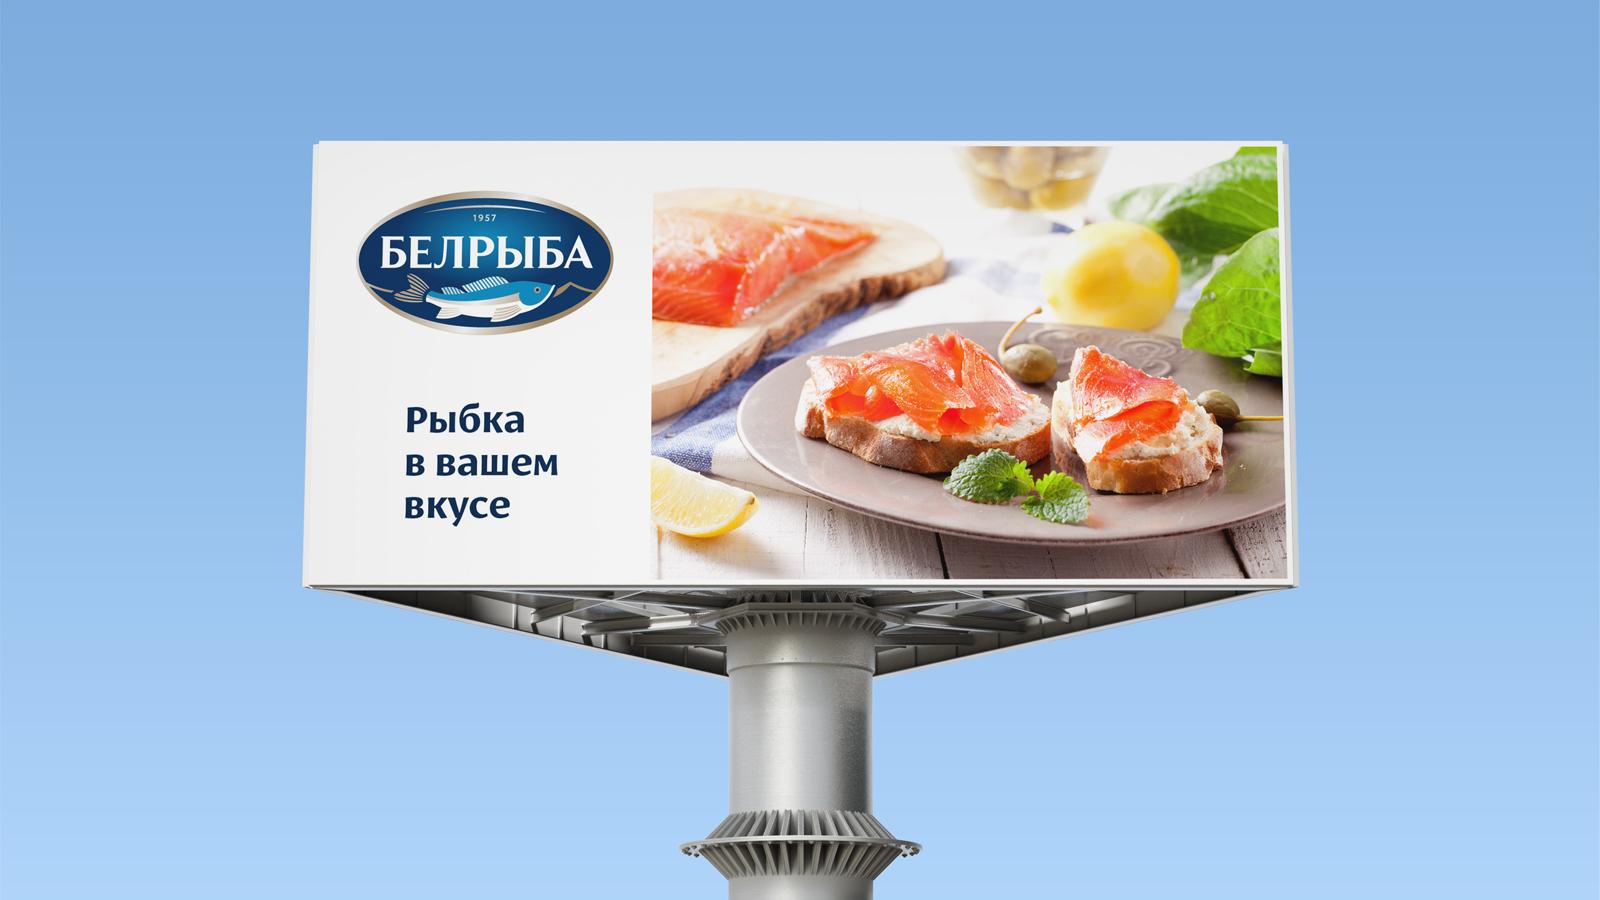 Дизайн рекламы, профессиональная фотосъемка, фудстайлинг и создание макетов наружной рекламы для белорусского бренда рыбы «Белрыба».